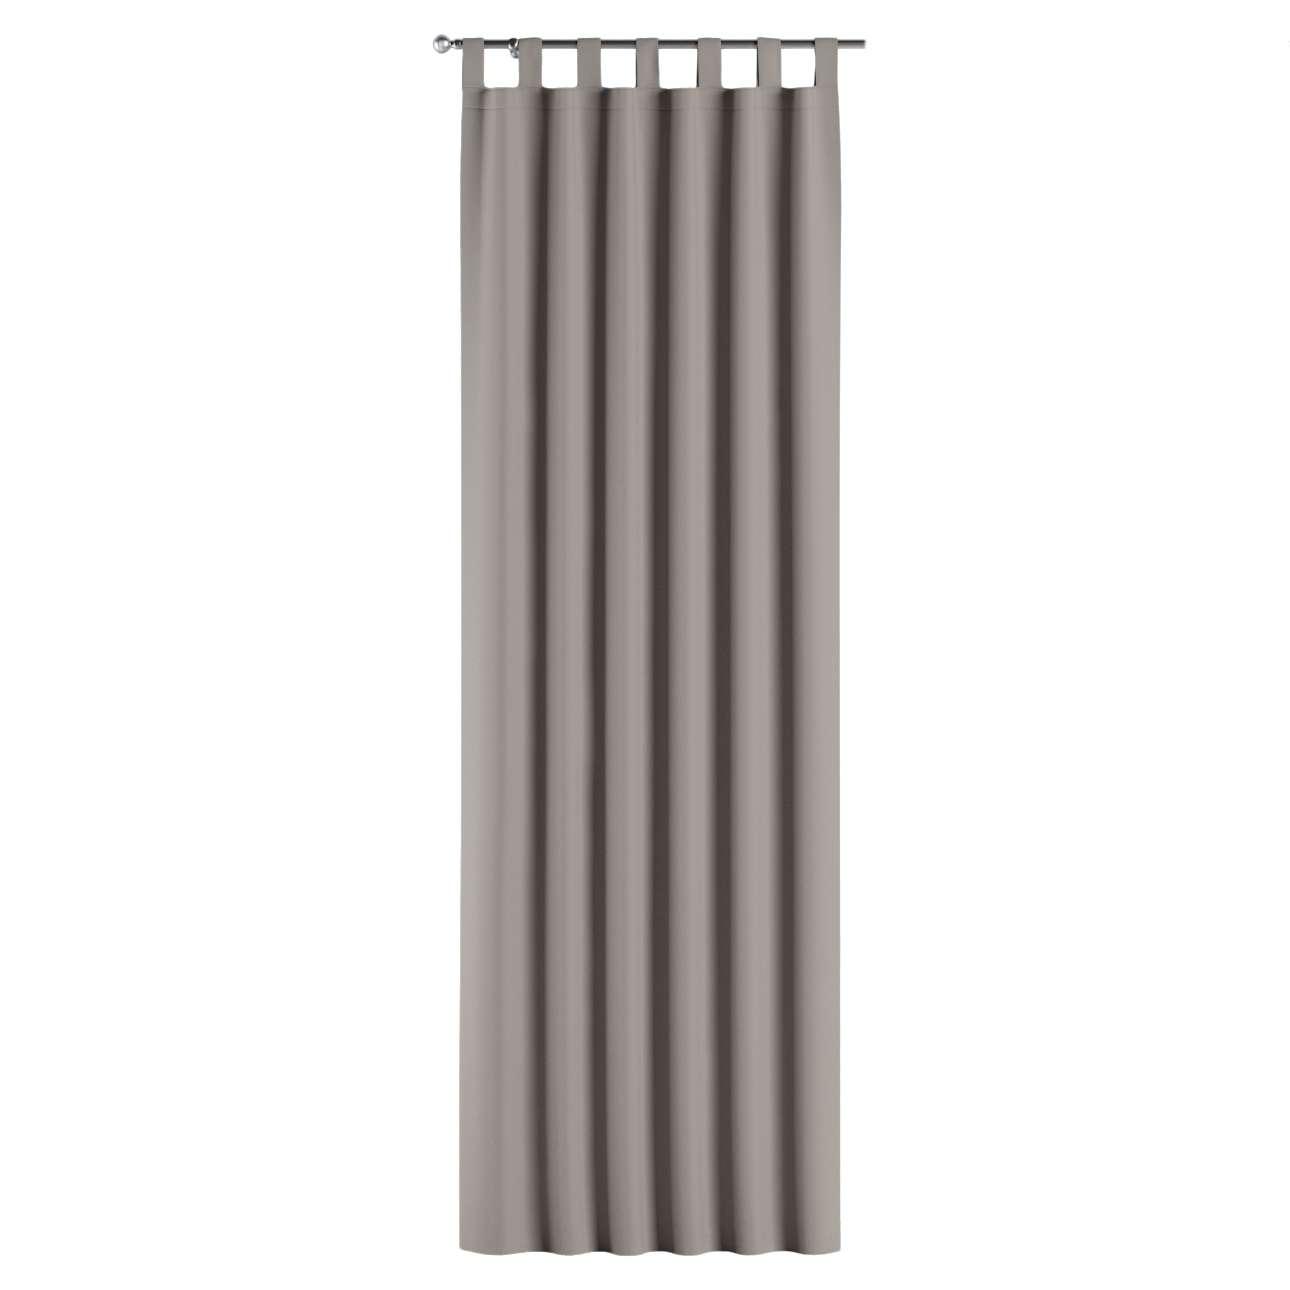 Verdunklungsvorhänge mit Schlaufen 1 Stk. 140x260 cm von der Kollektion Blackout (verdunkelnd), Stoff: 269-81